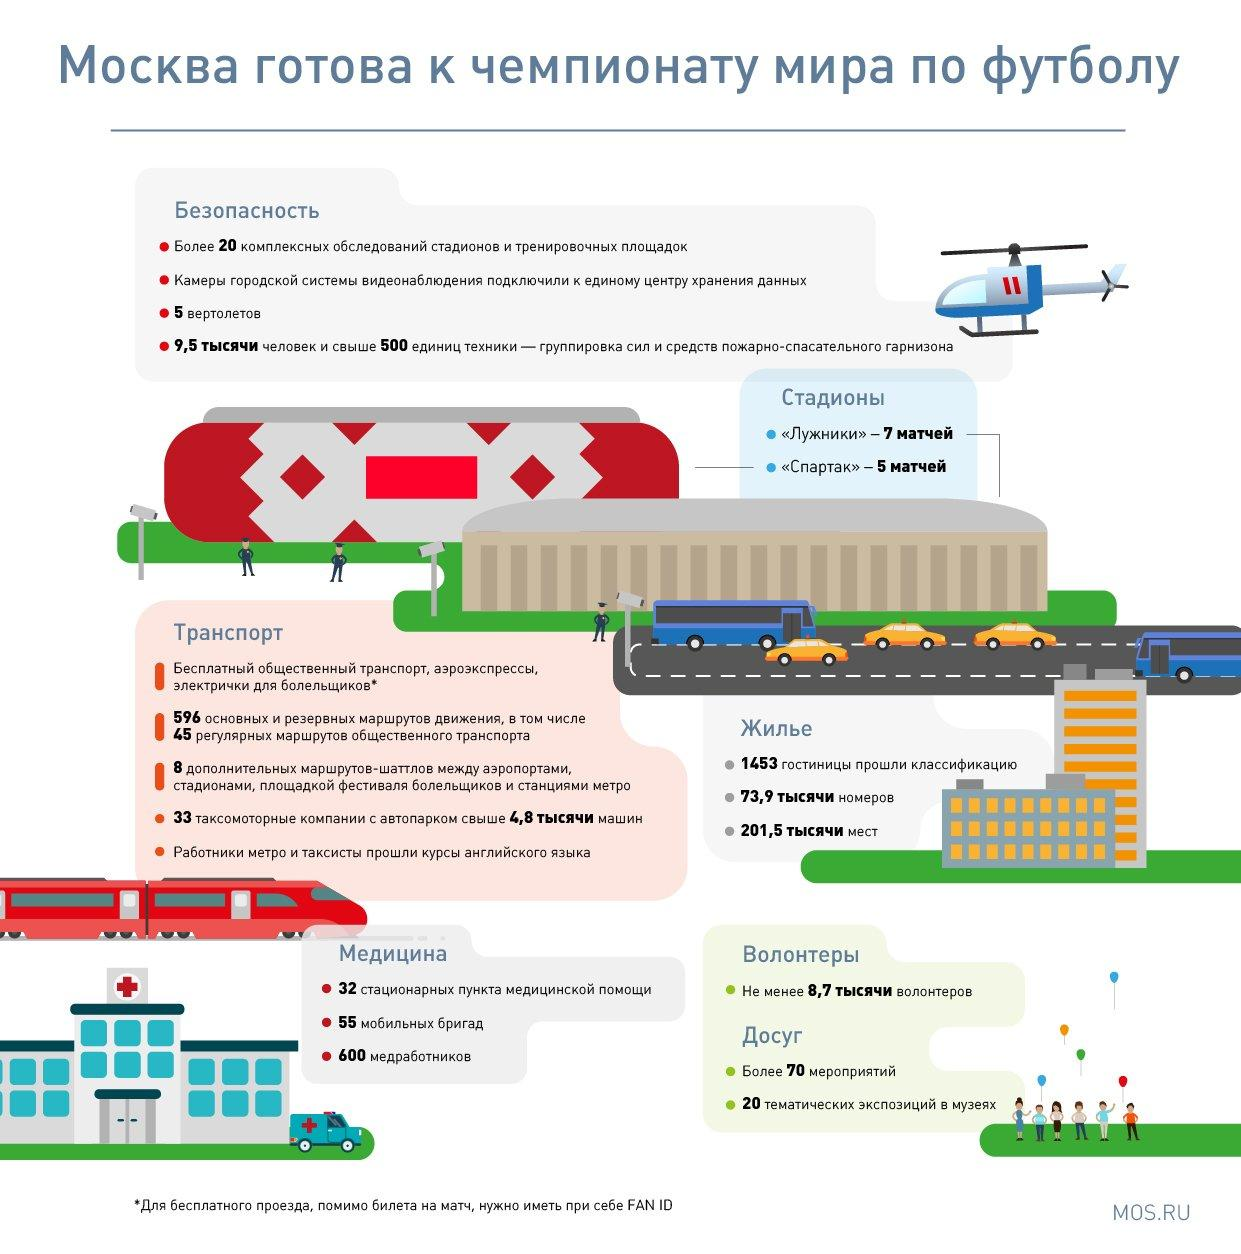 Наследие чемпионата: что оставит москвичам мировое первенство